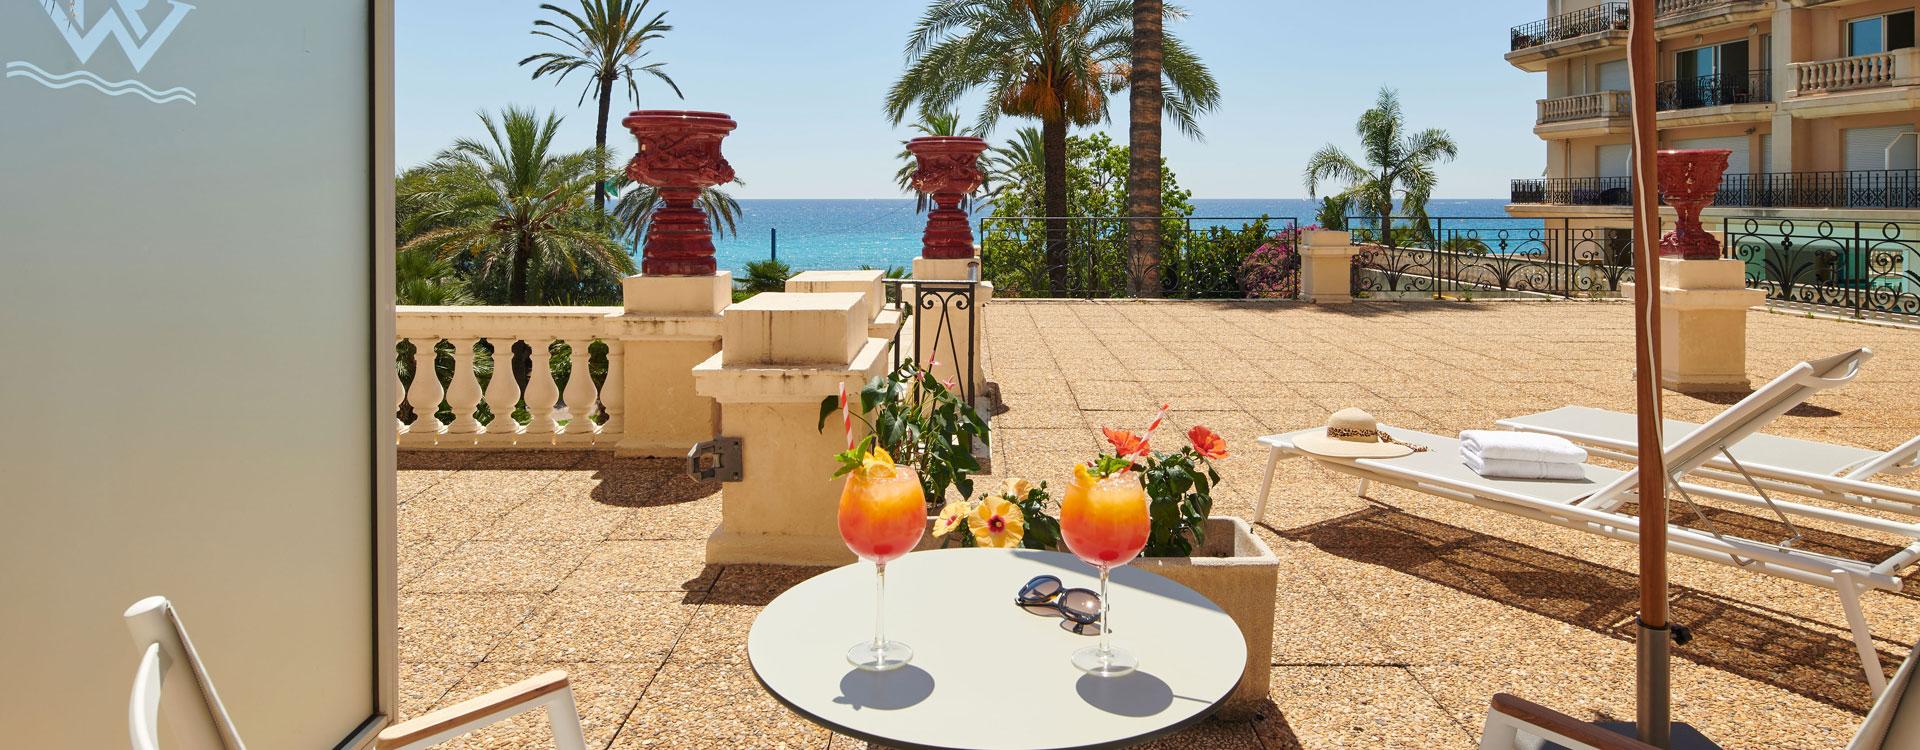 hotel avec terrasse vue mer - menton